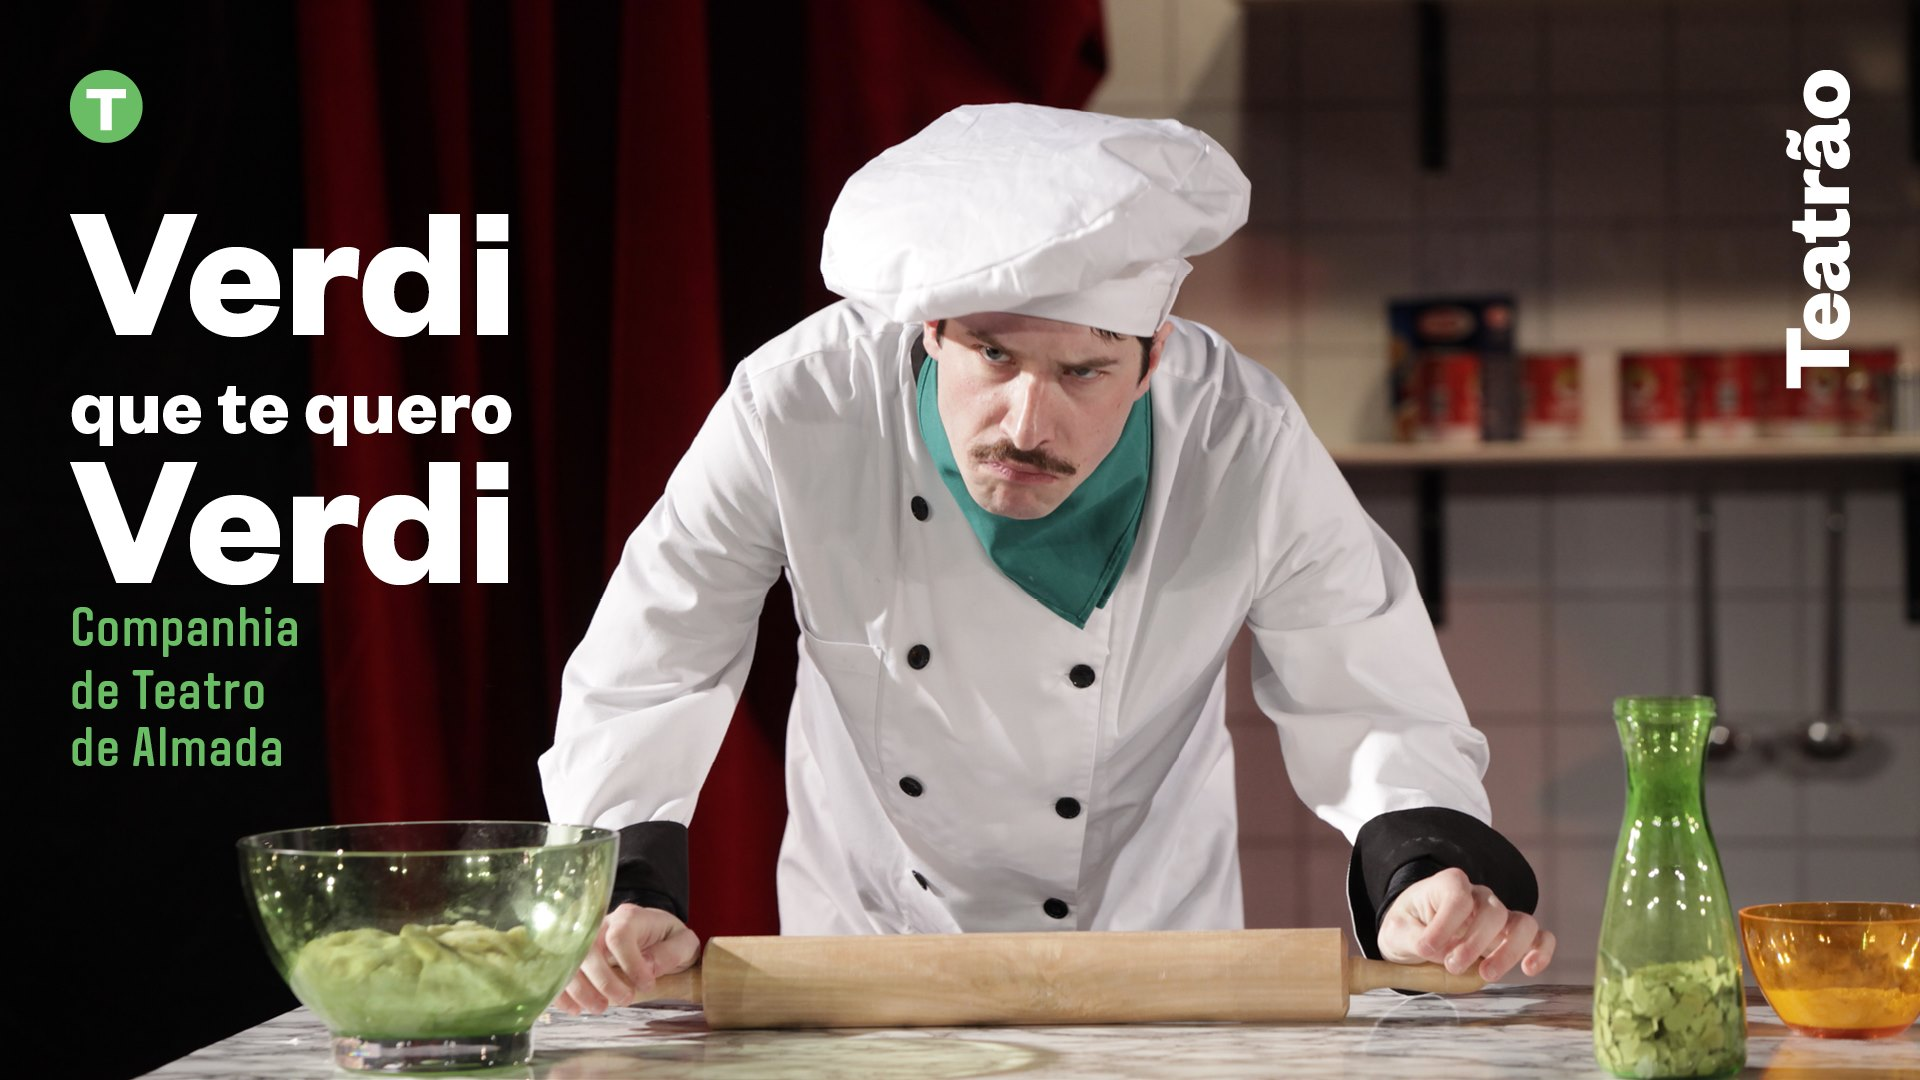 Verdi que te quero Verdi – CTA